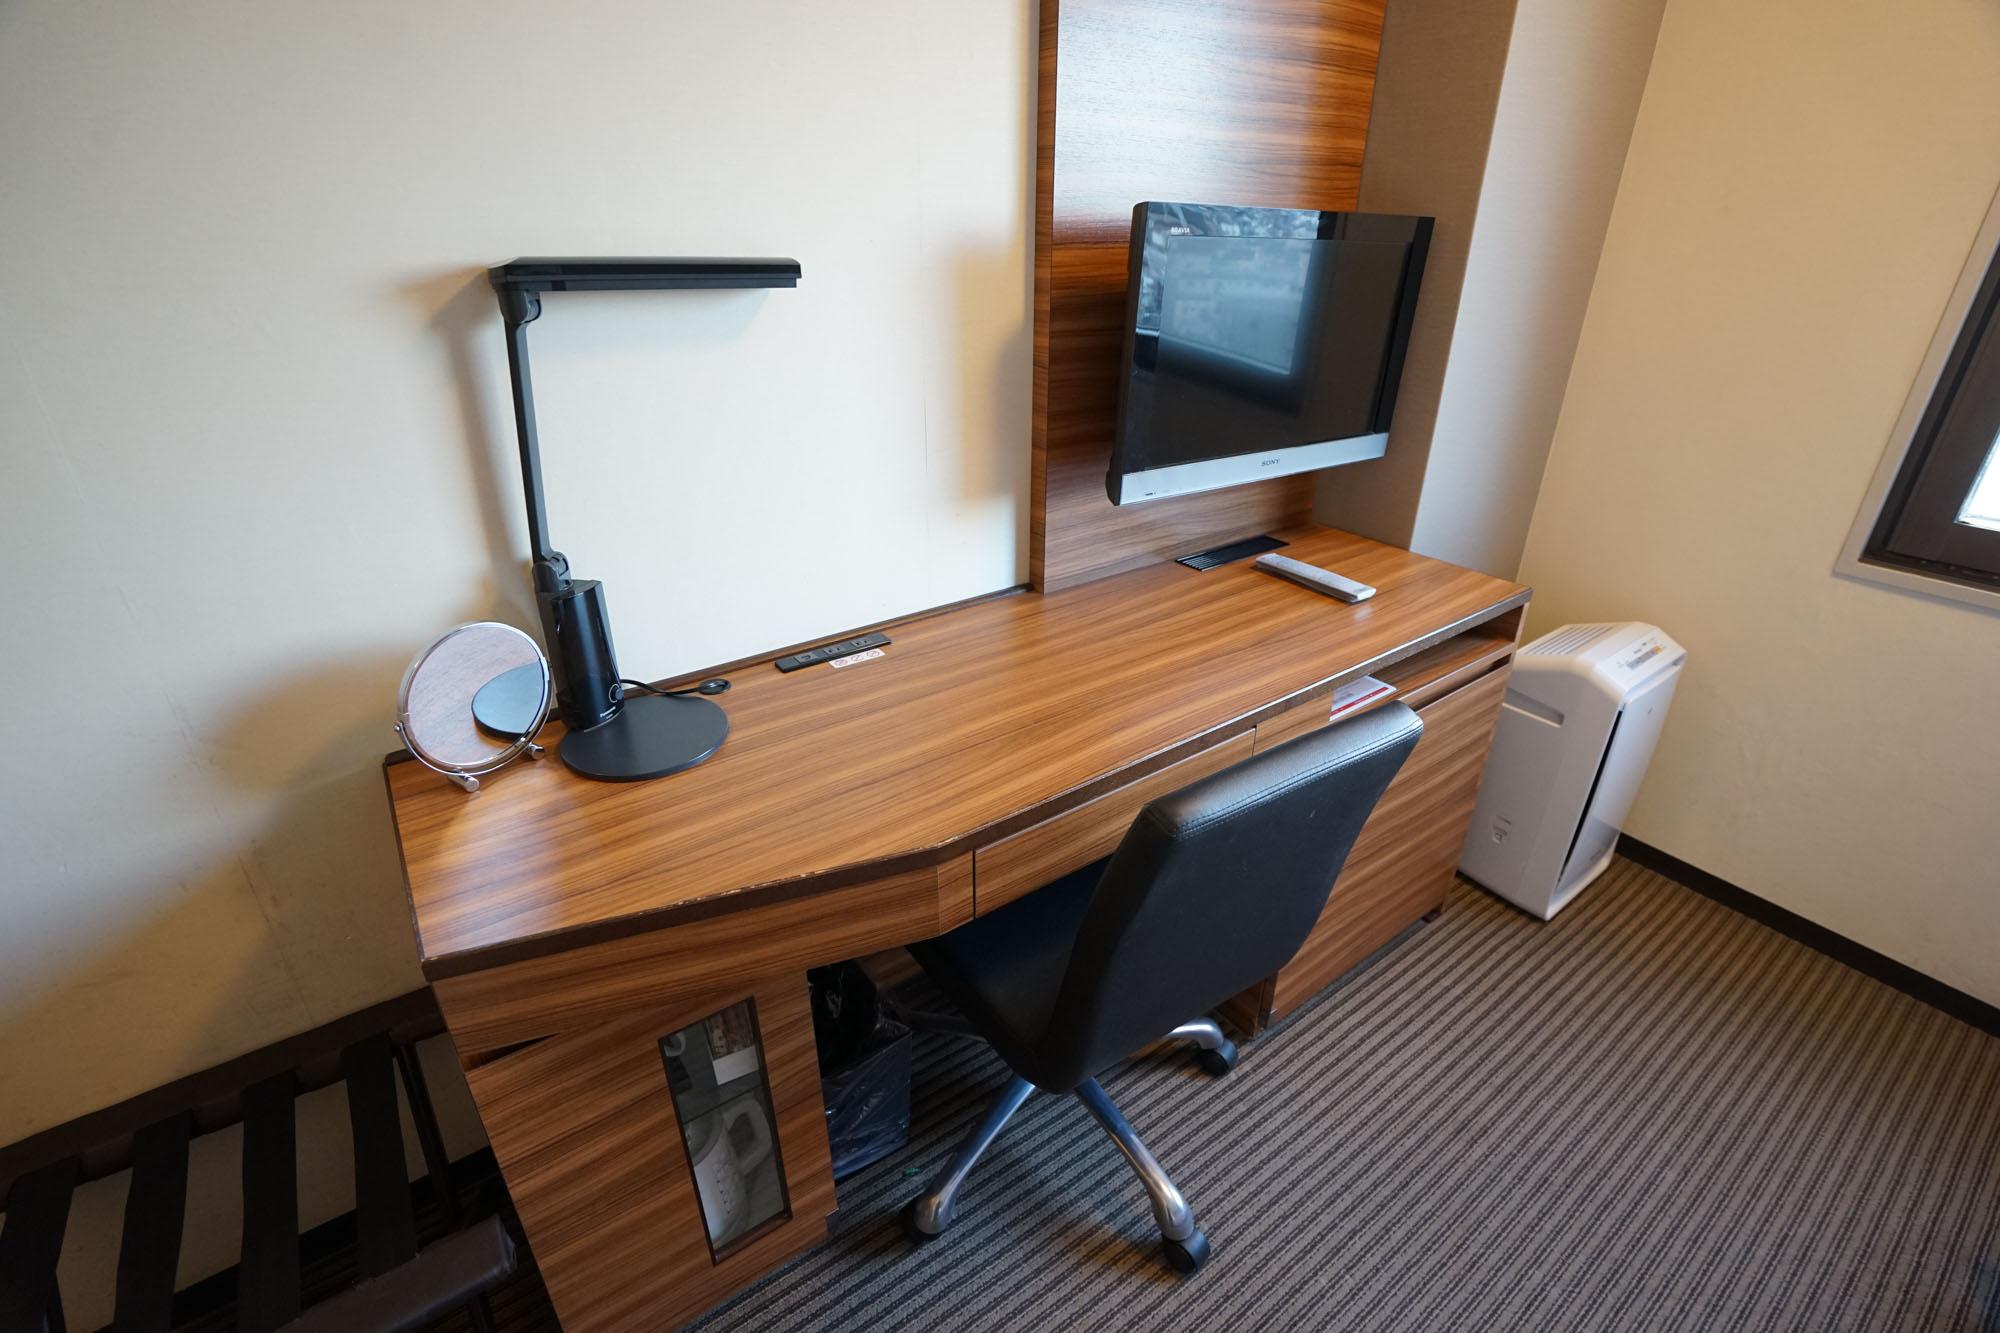 こちら備え付けのデスク。テレビが壁付になっているため、デスク上を広く使えるのが嬉しいですね。横幅もたっぷり。